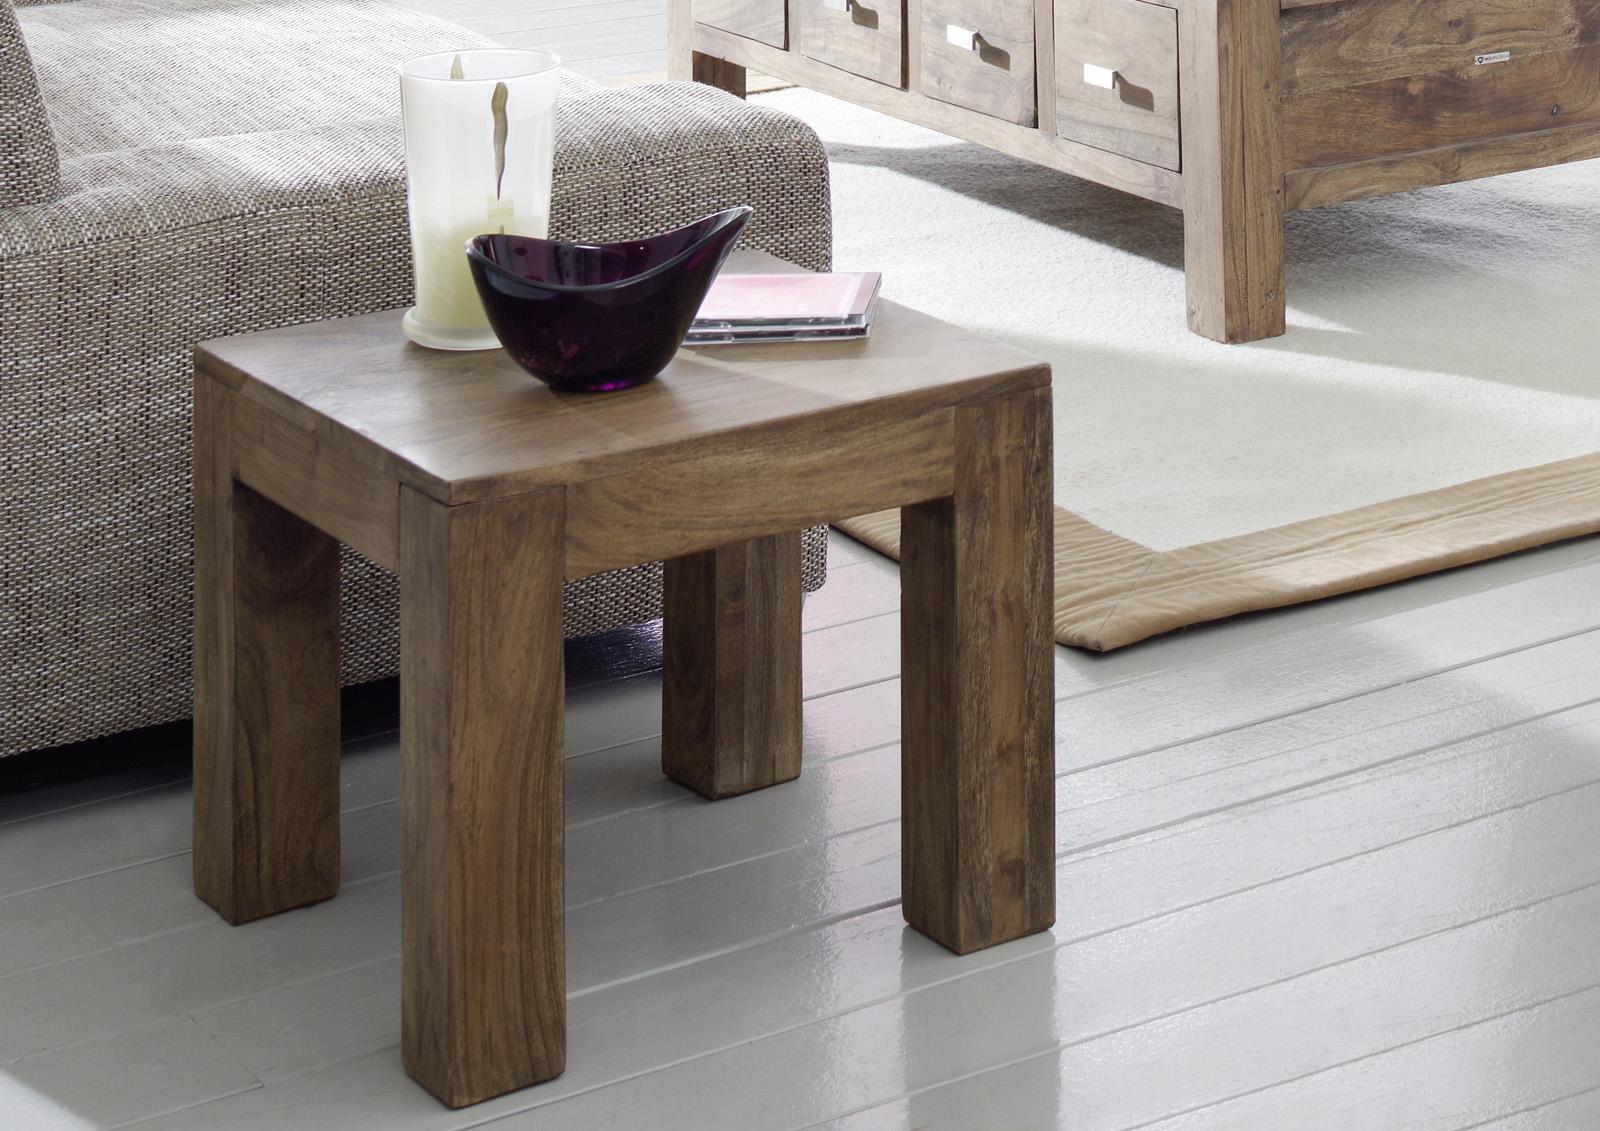 sale couchtisch akazie massiv stone 45 x 40 x 45 cm saber 6613. Black Bedroom Furniture Sets. Home Design Ideas